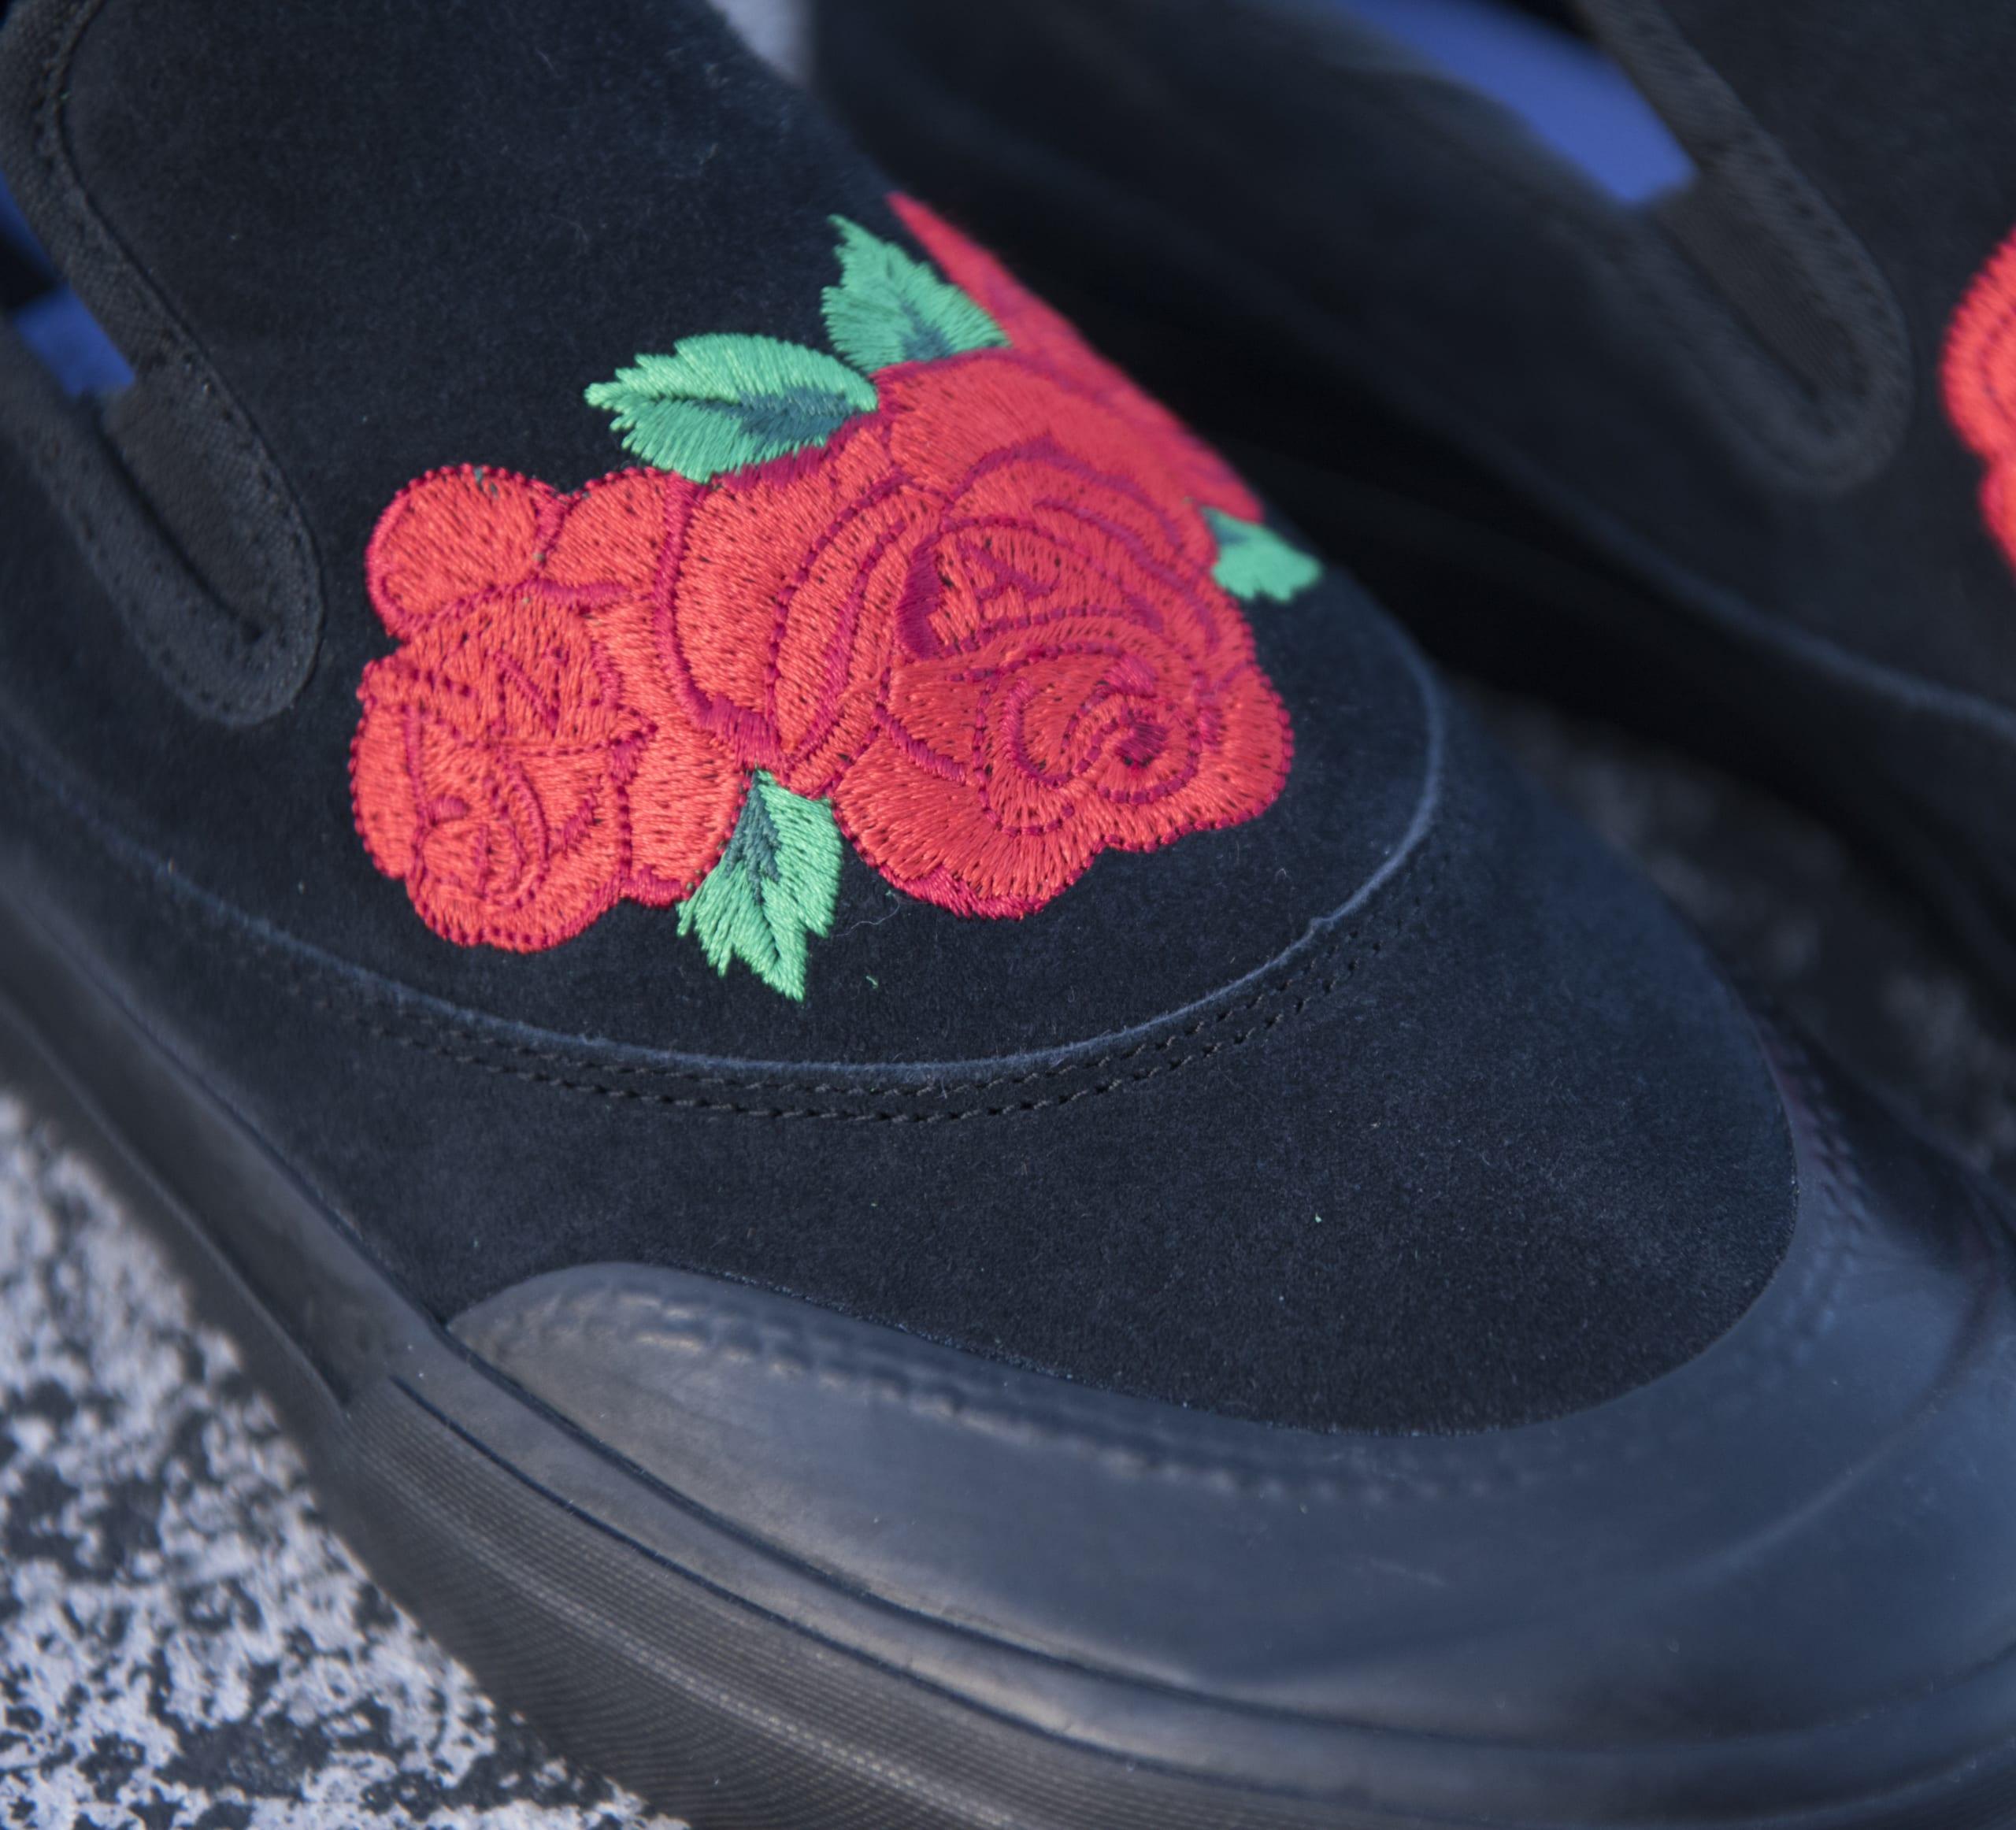 薔薇の刺繍のスリッポン! 某V系カリスマのコラボ? ではなく…